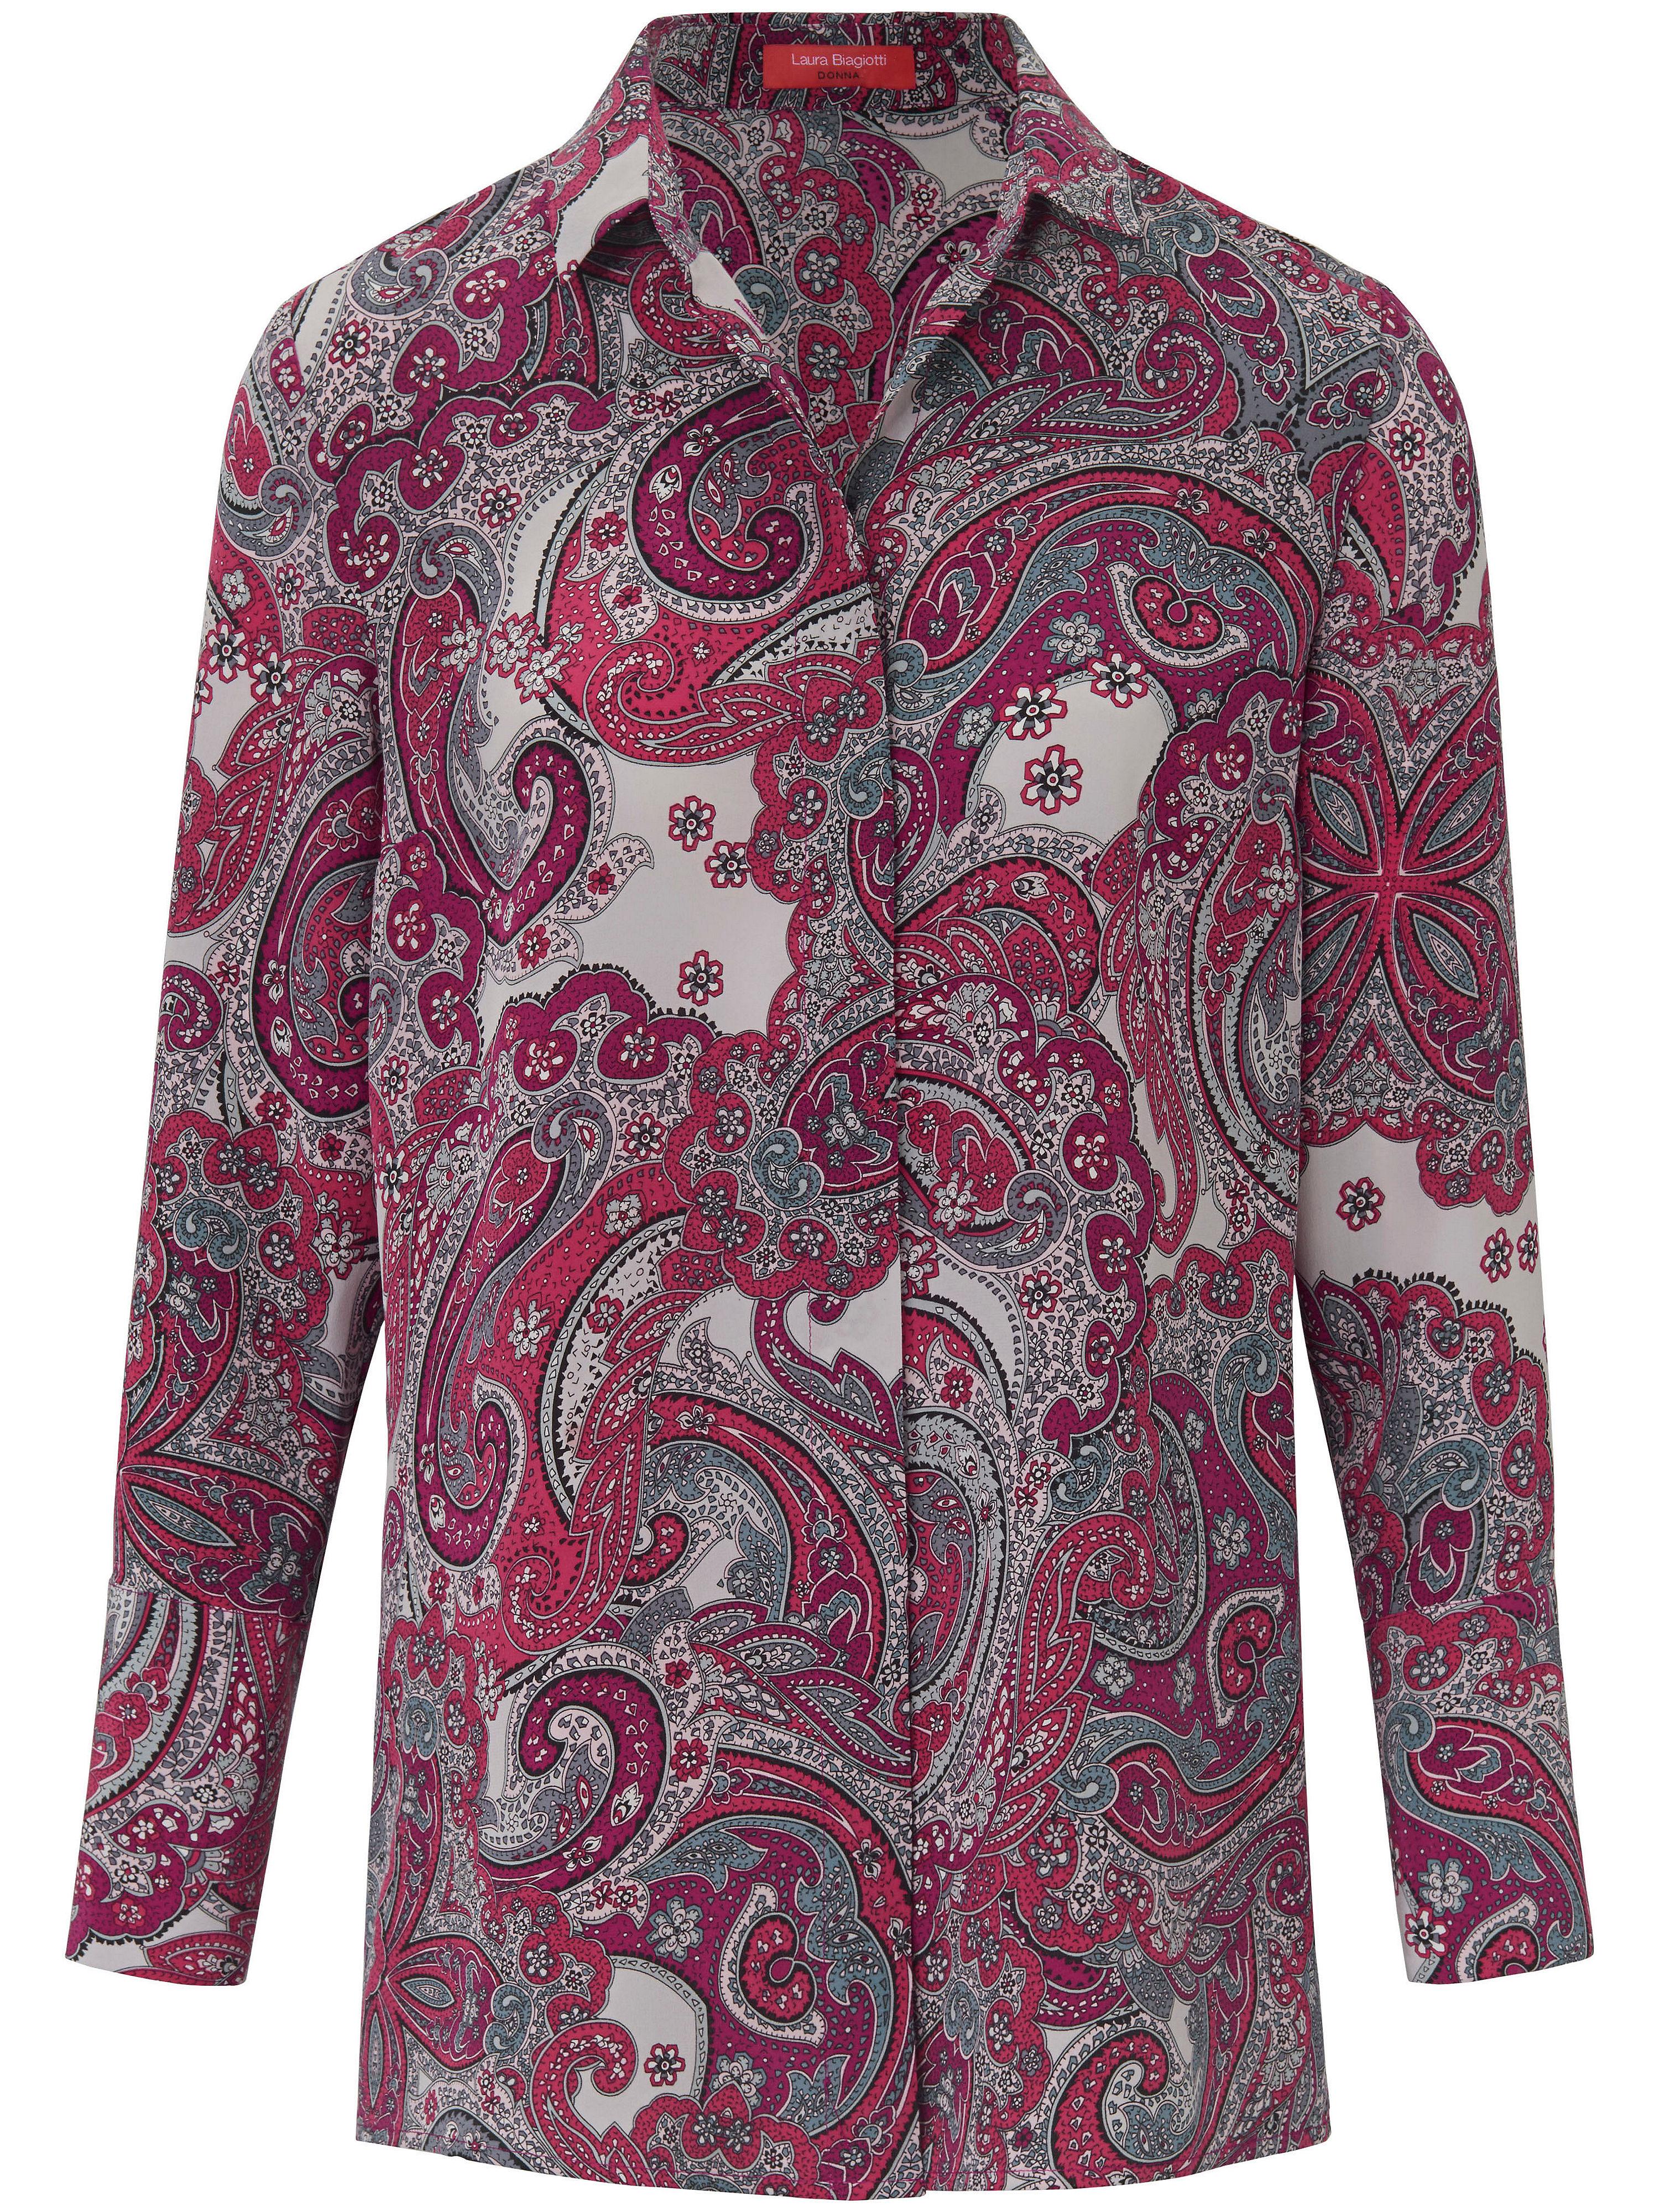 Bluse aus 100% Seide Laura Biagiotti Donna mehrfarbig   Bekleidung > Blusen > Sonstige Blusen   Print - Pink   Chine   Laura Biagiotti Donna